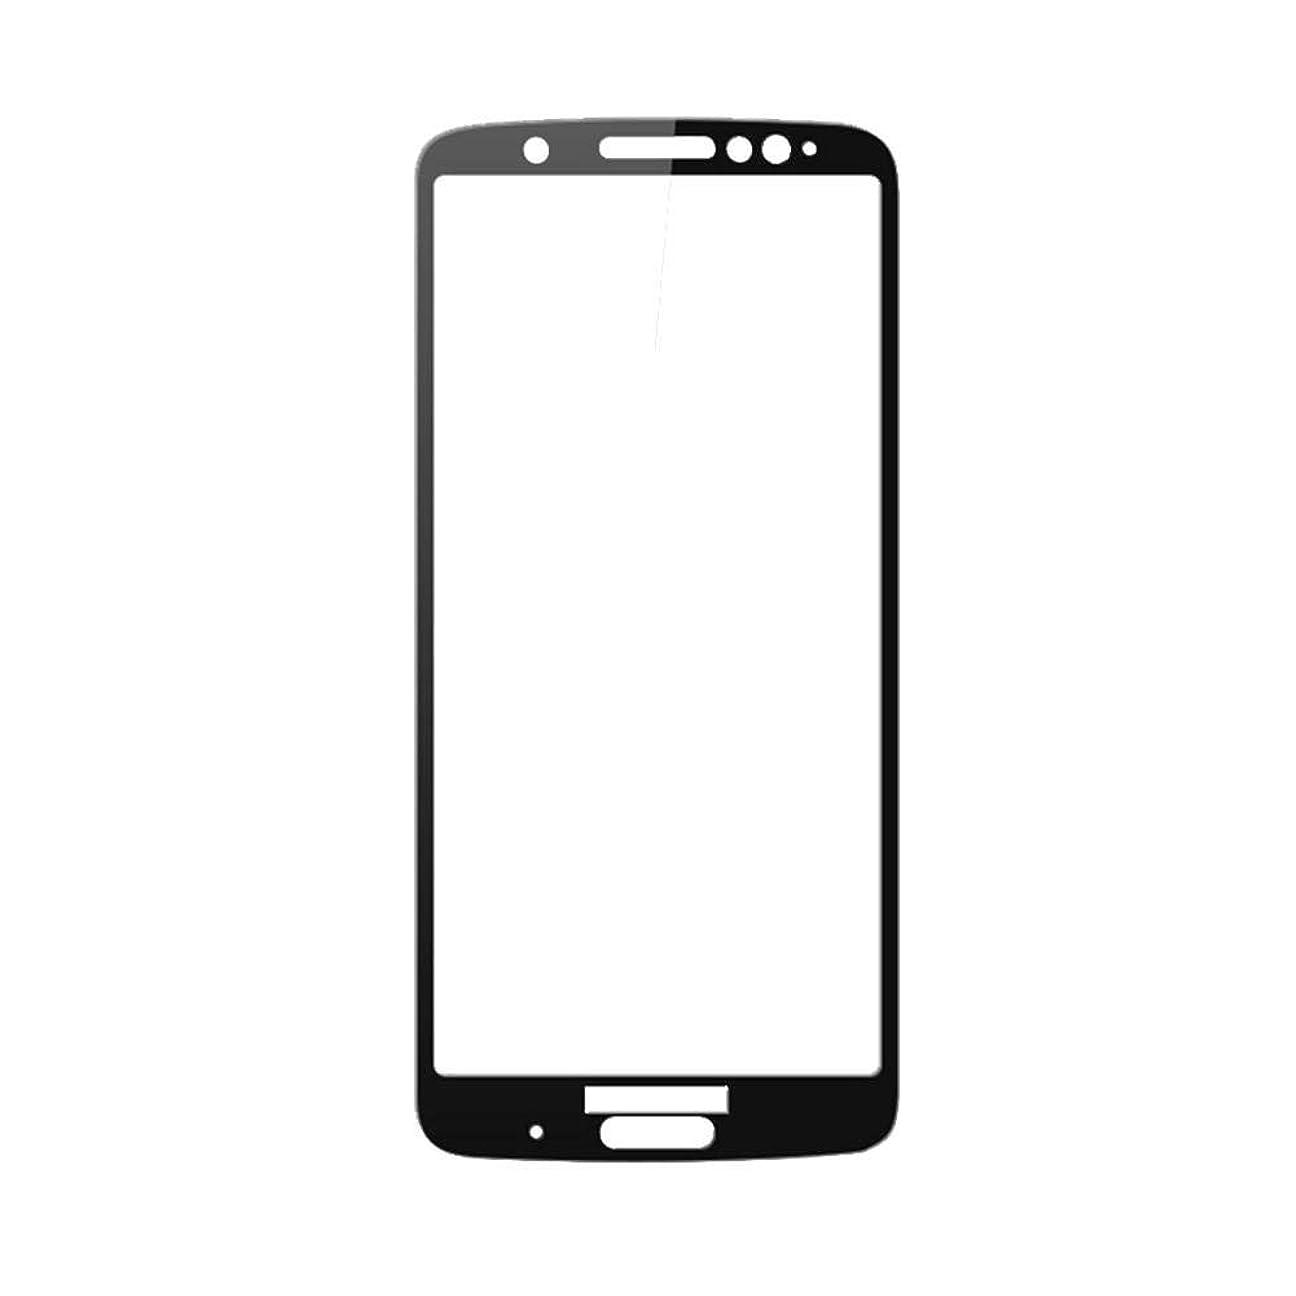 注入ほうき戸口Samsung Galaxy S10+ スクリーンプロテクター、AICase 強化ガラス、3Dフルカーブドエッジ超音波指紋スクリーンカバーシールド液体分散技術、UVライト付き、サムスンS10 +用